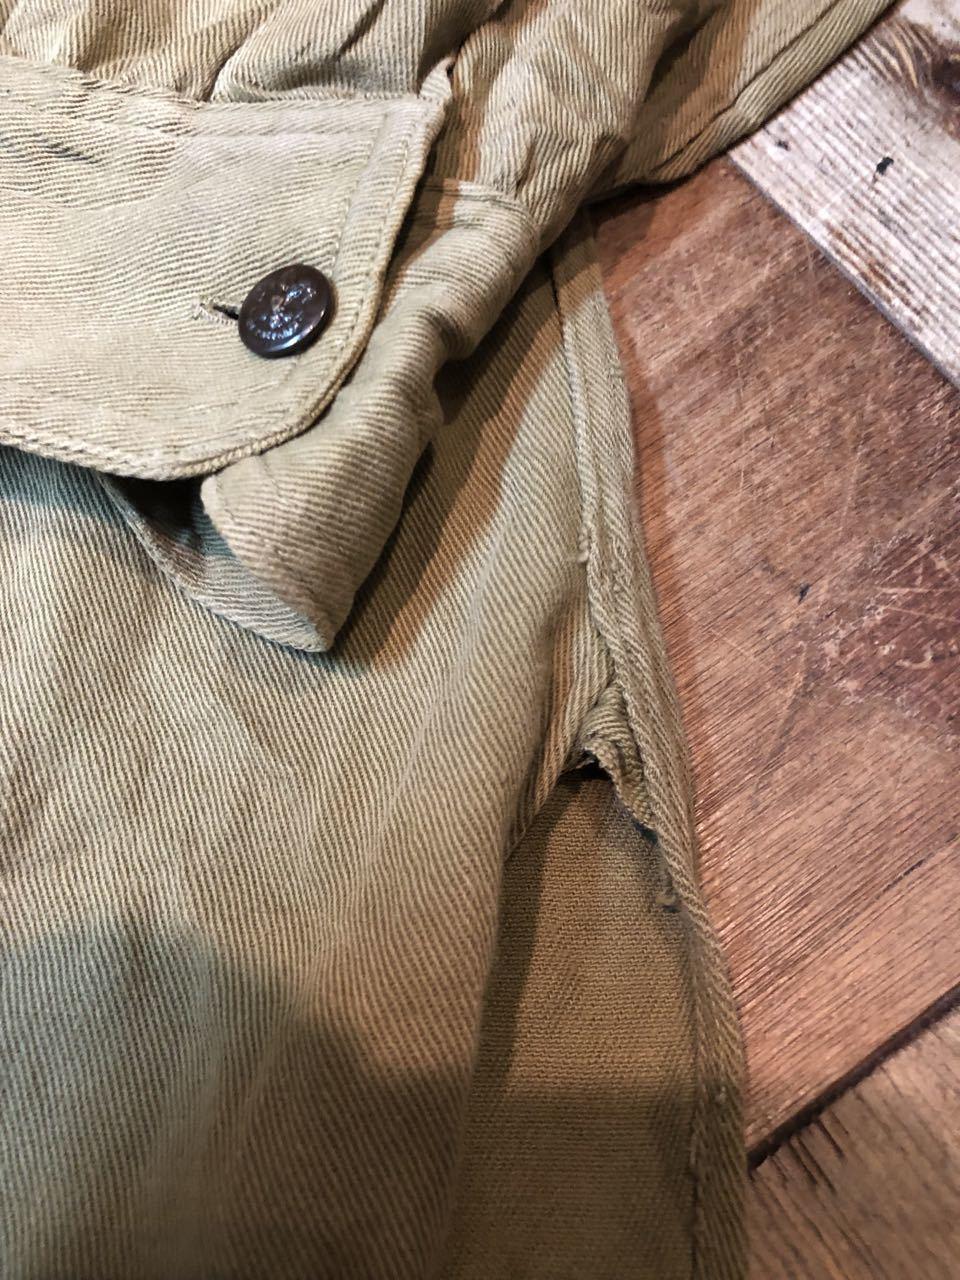 10月27日(日)入荷!30s〜40s チェンジボタン、マチ付き ボーイスカウトシャツ!_c0144020_14264714.jpg